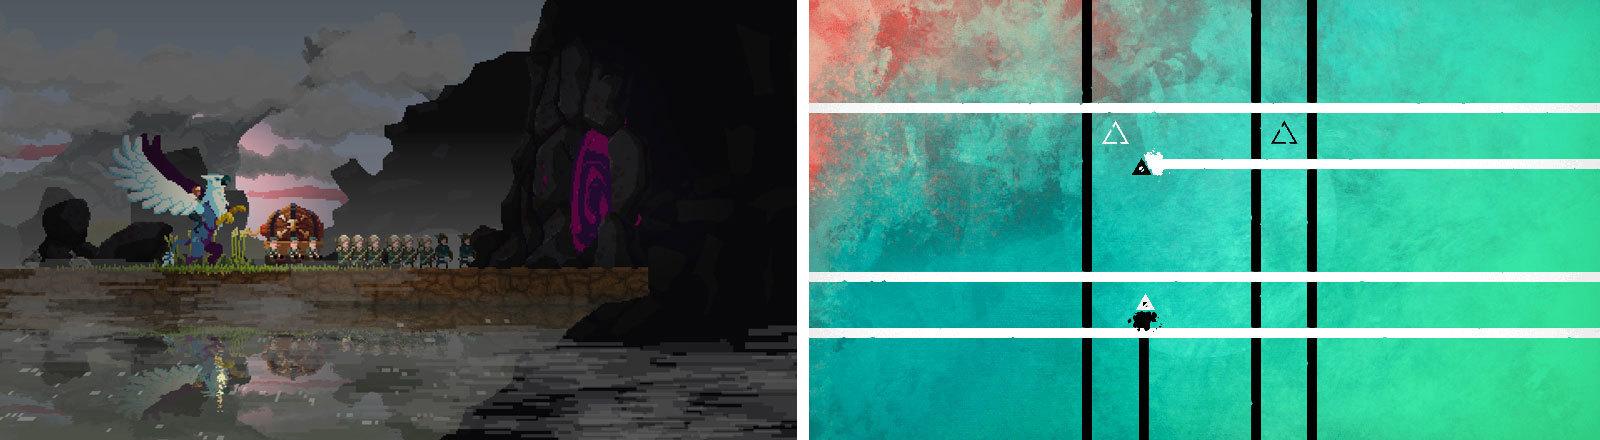 Screenshots Deru und Kingdom Two Crowns